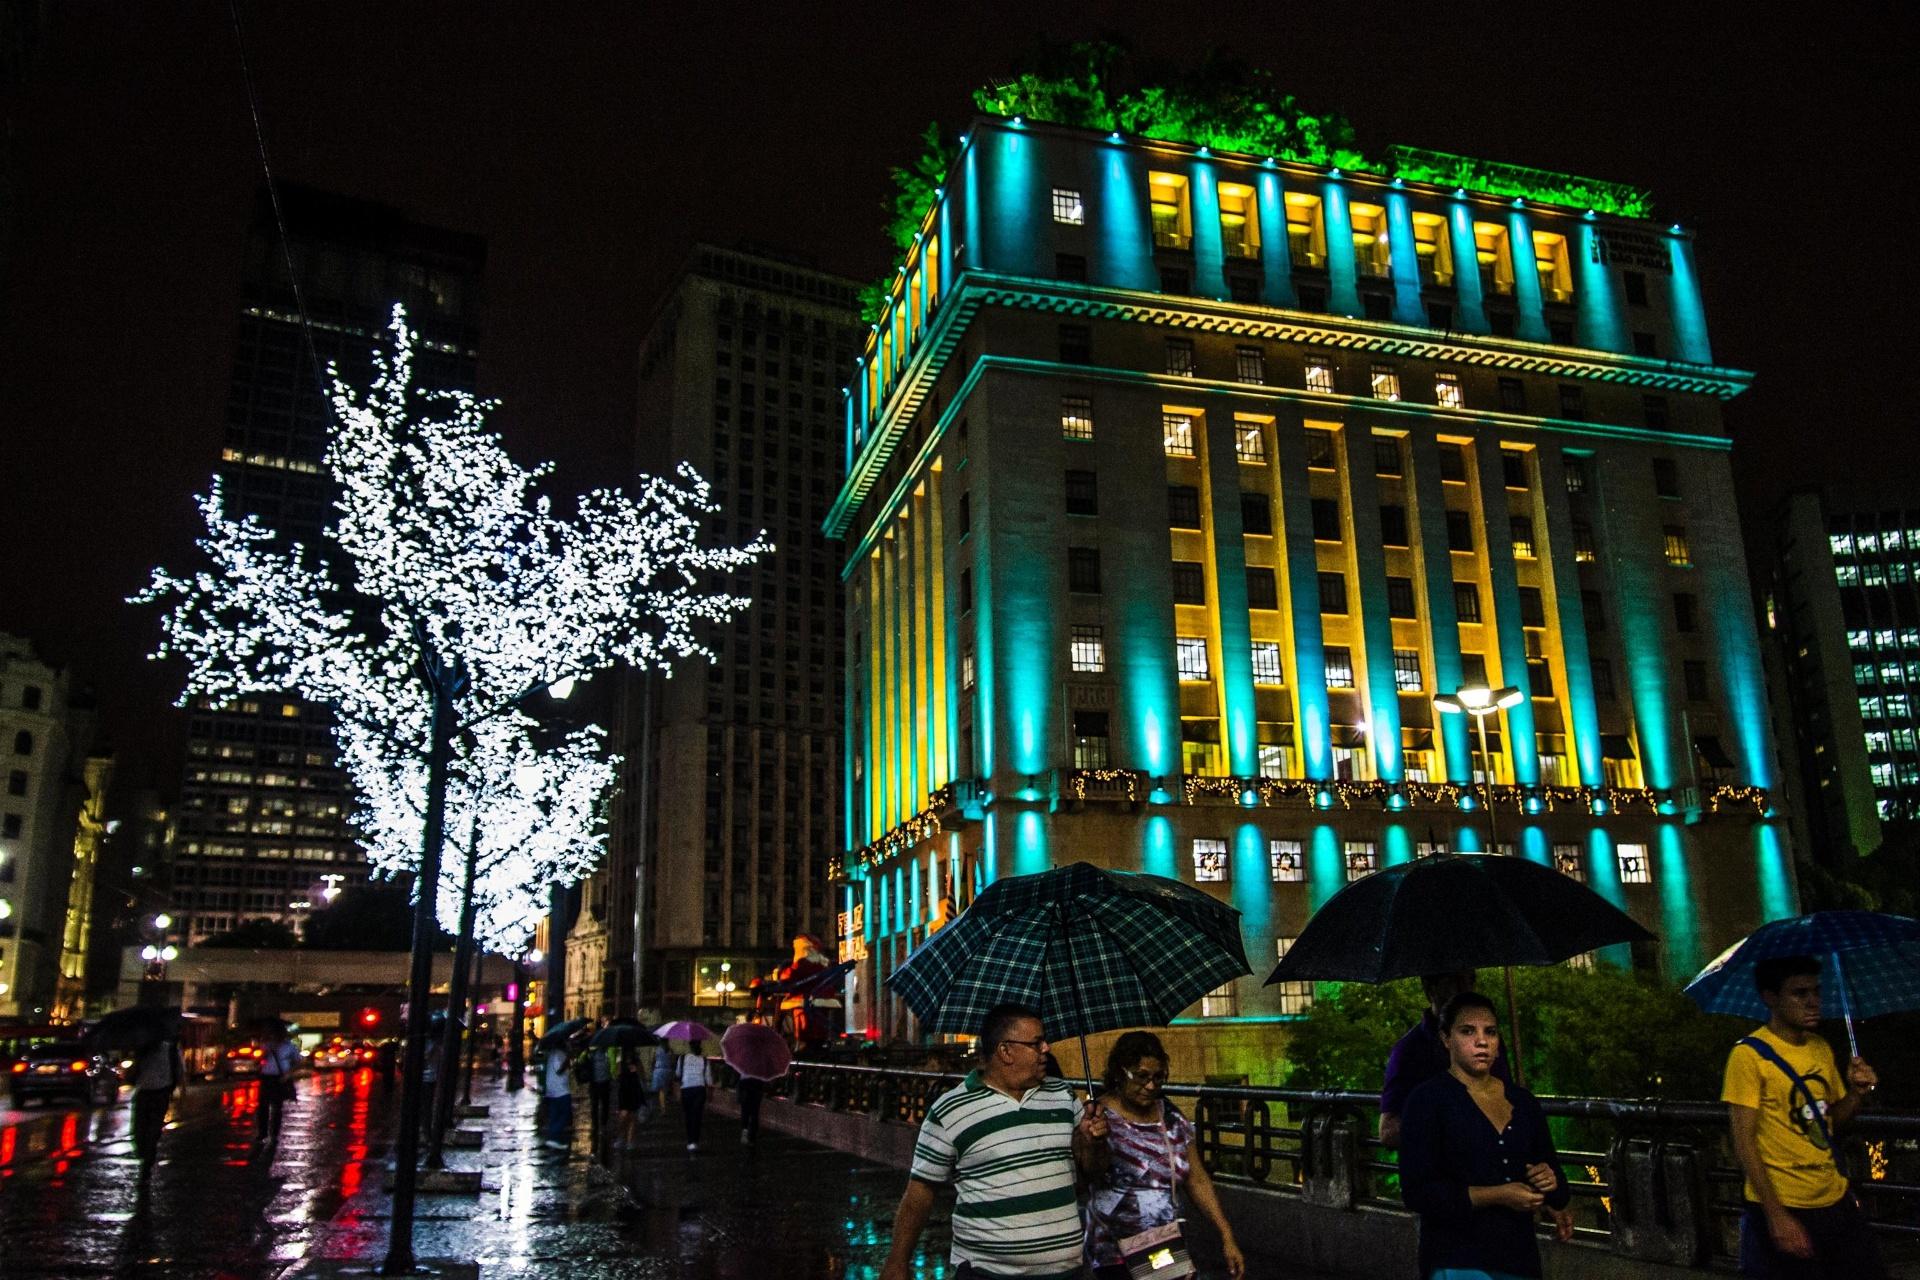 10.dez.2014 - Árvores iluminadas enfeitam o Viaduto do Chá nesta quarta-feira (10), na área central da capital paulistana